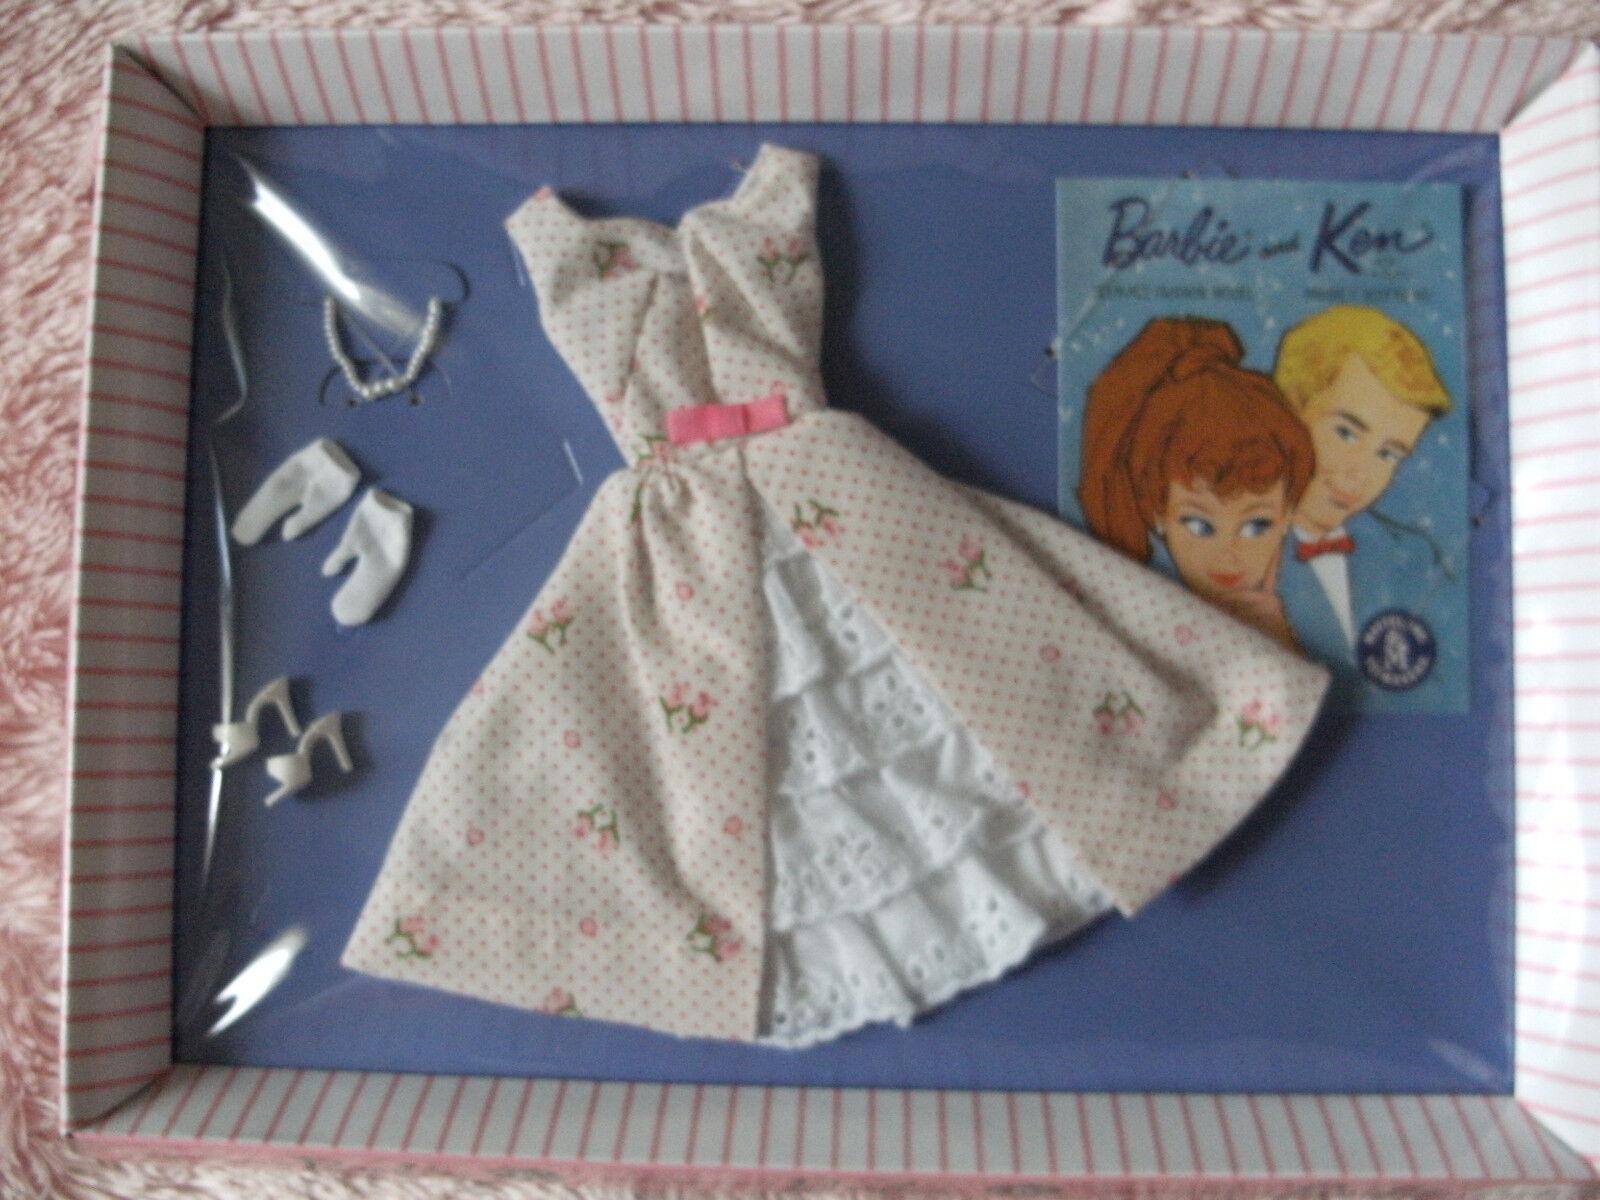 Let's Play Jardín Fiesta Moda Traje De Barbie 2012 () reproducción nunca quitado de la caja